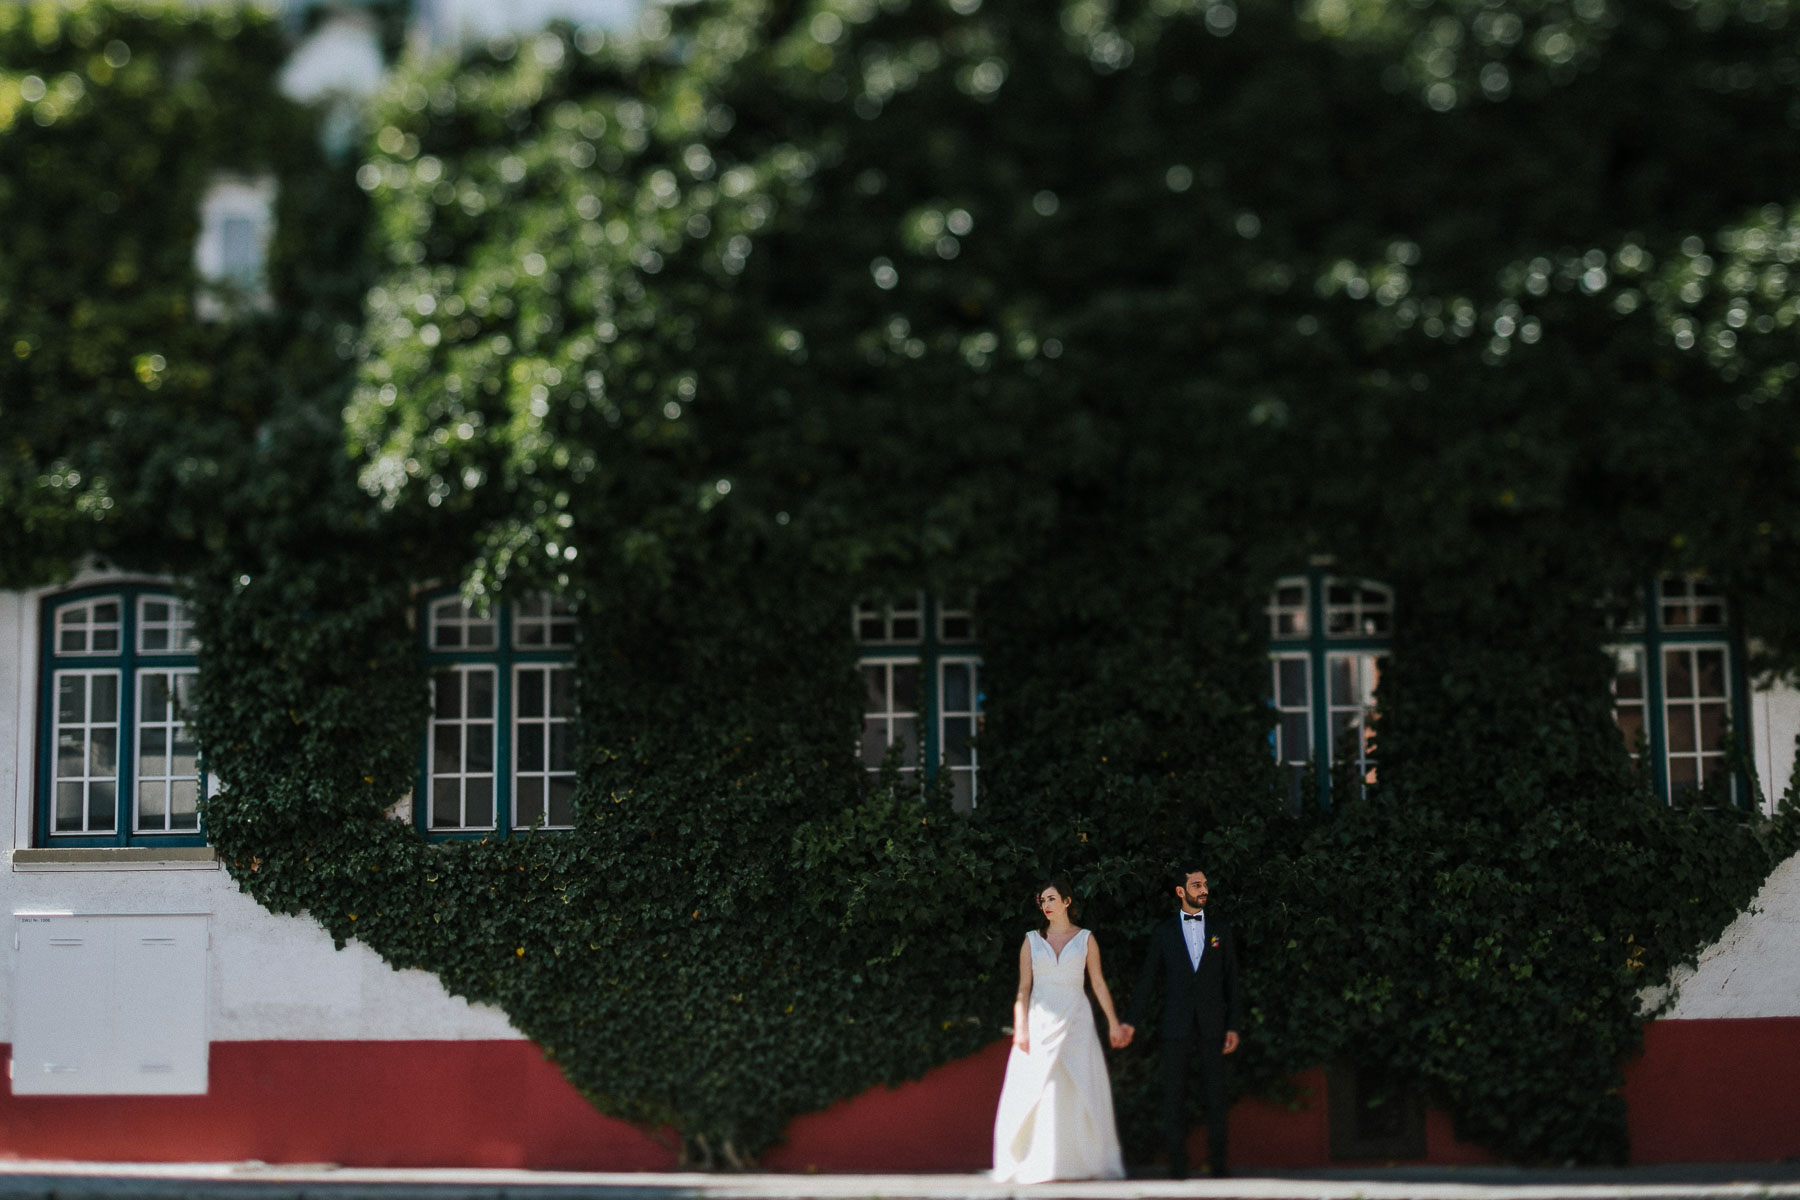 Als Hochzeitsfotograf eignet Ulm sich hervorragend für schöne Hochzeitsbilder